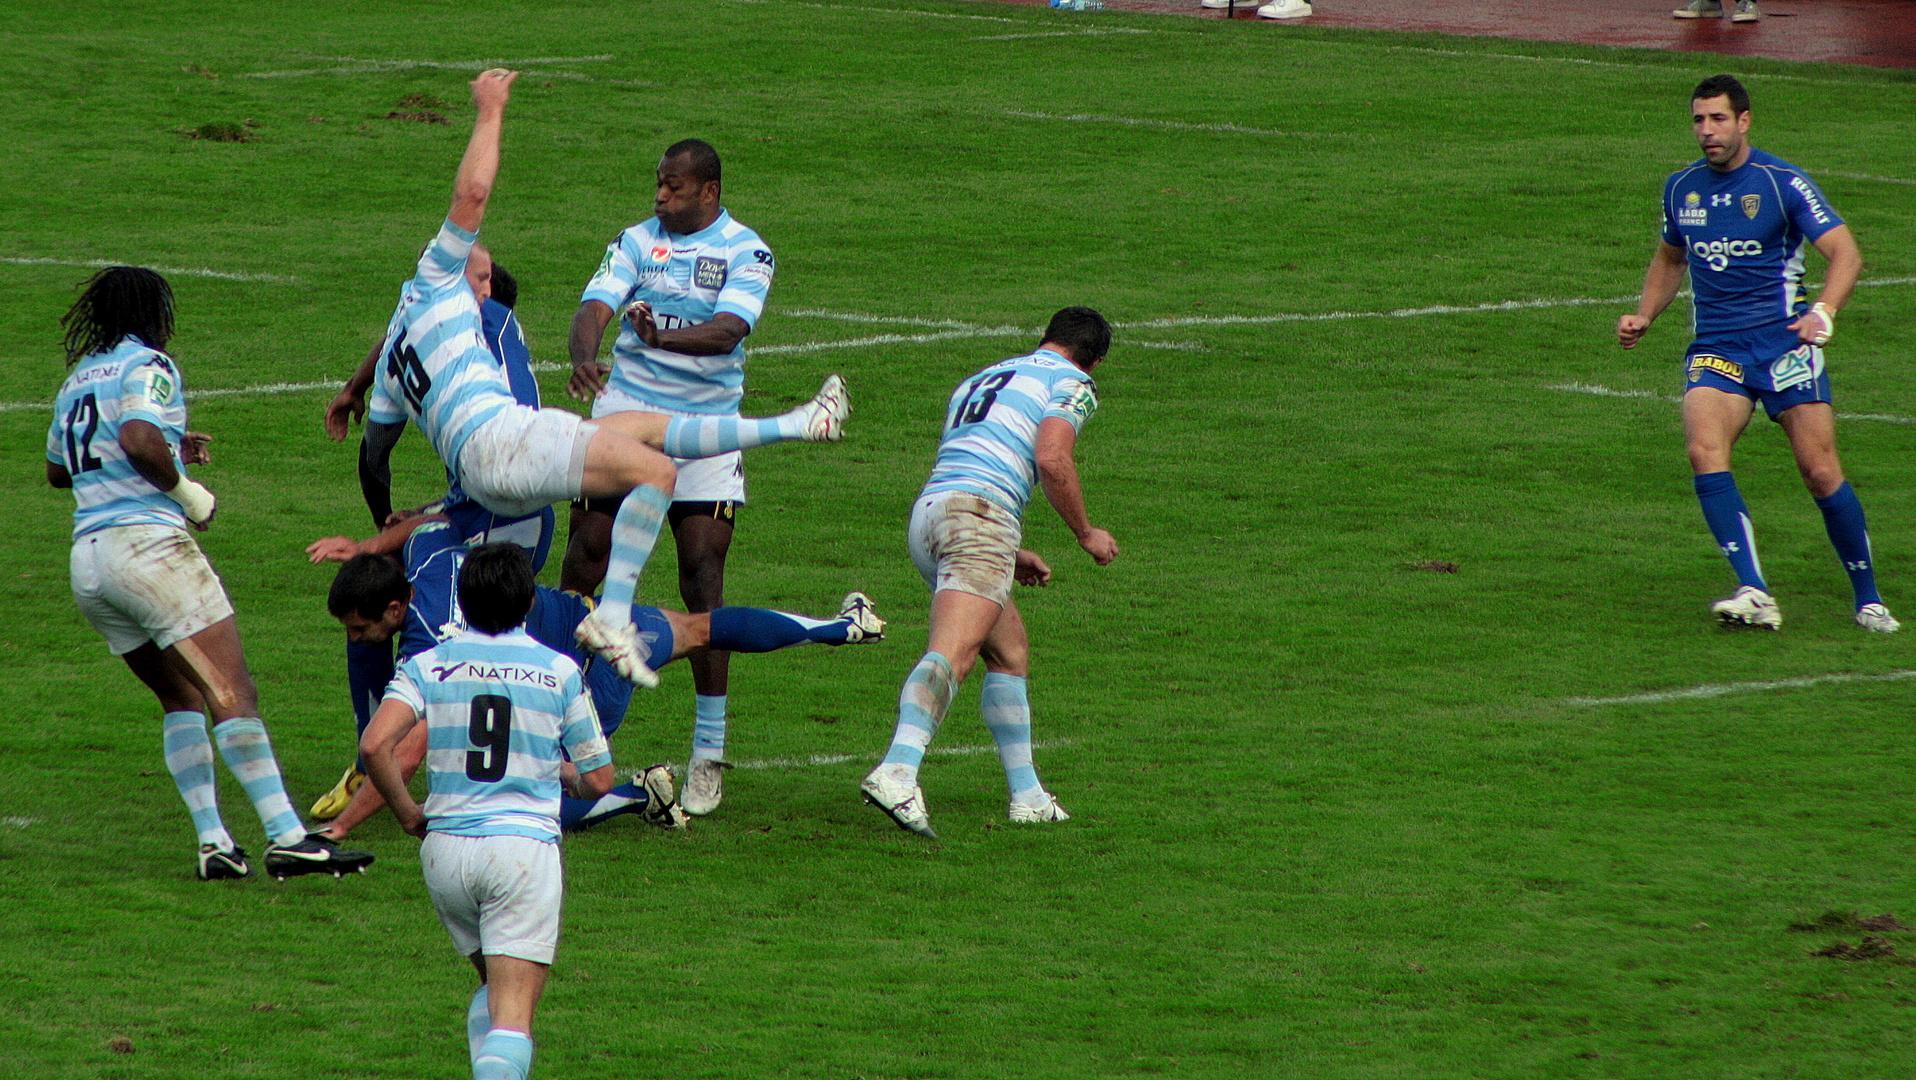 le rugby, un sport de gentlemen!!